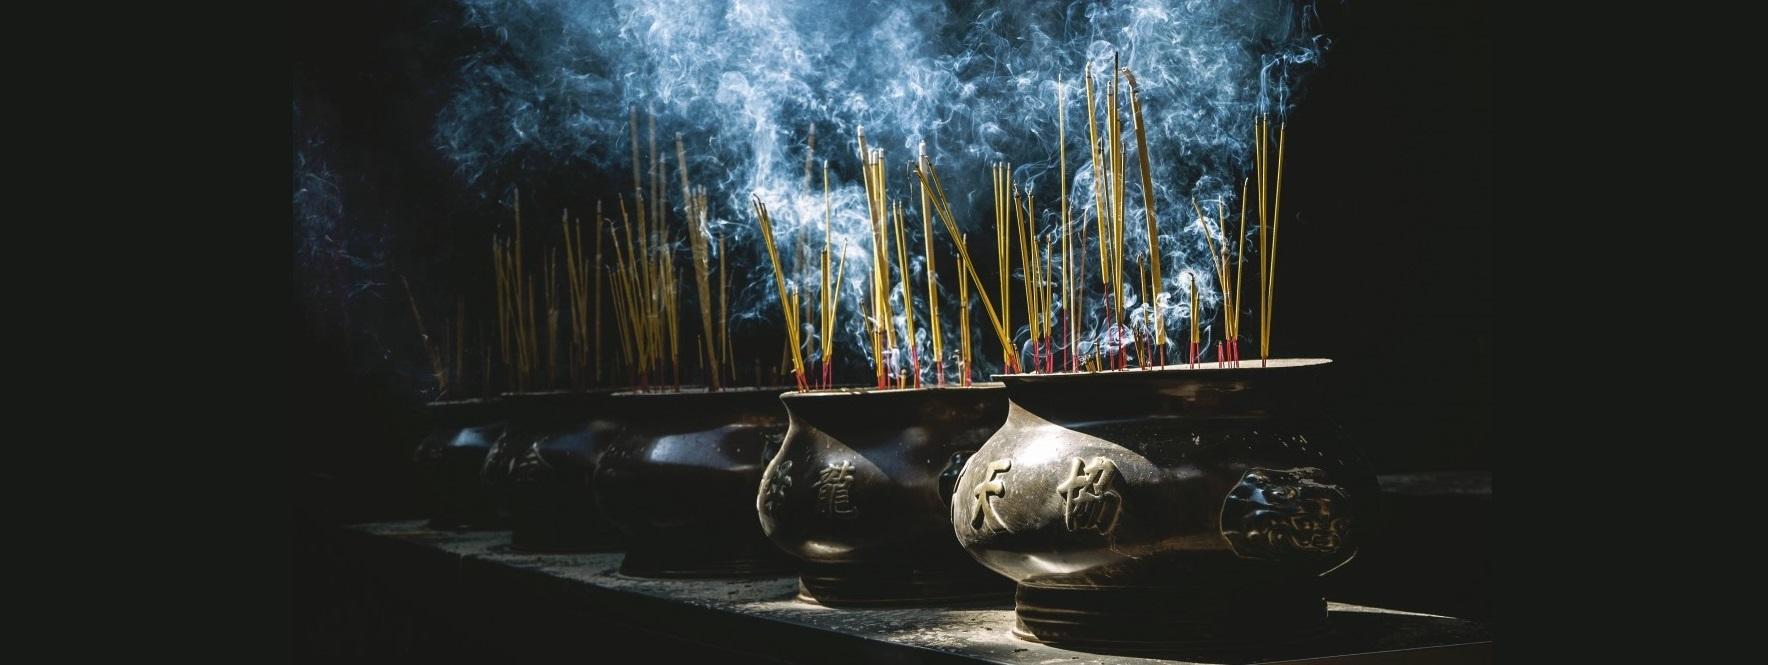 incense-arti-marziali-chieri